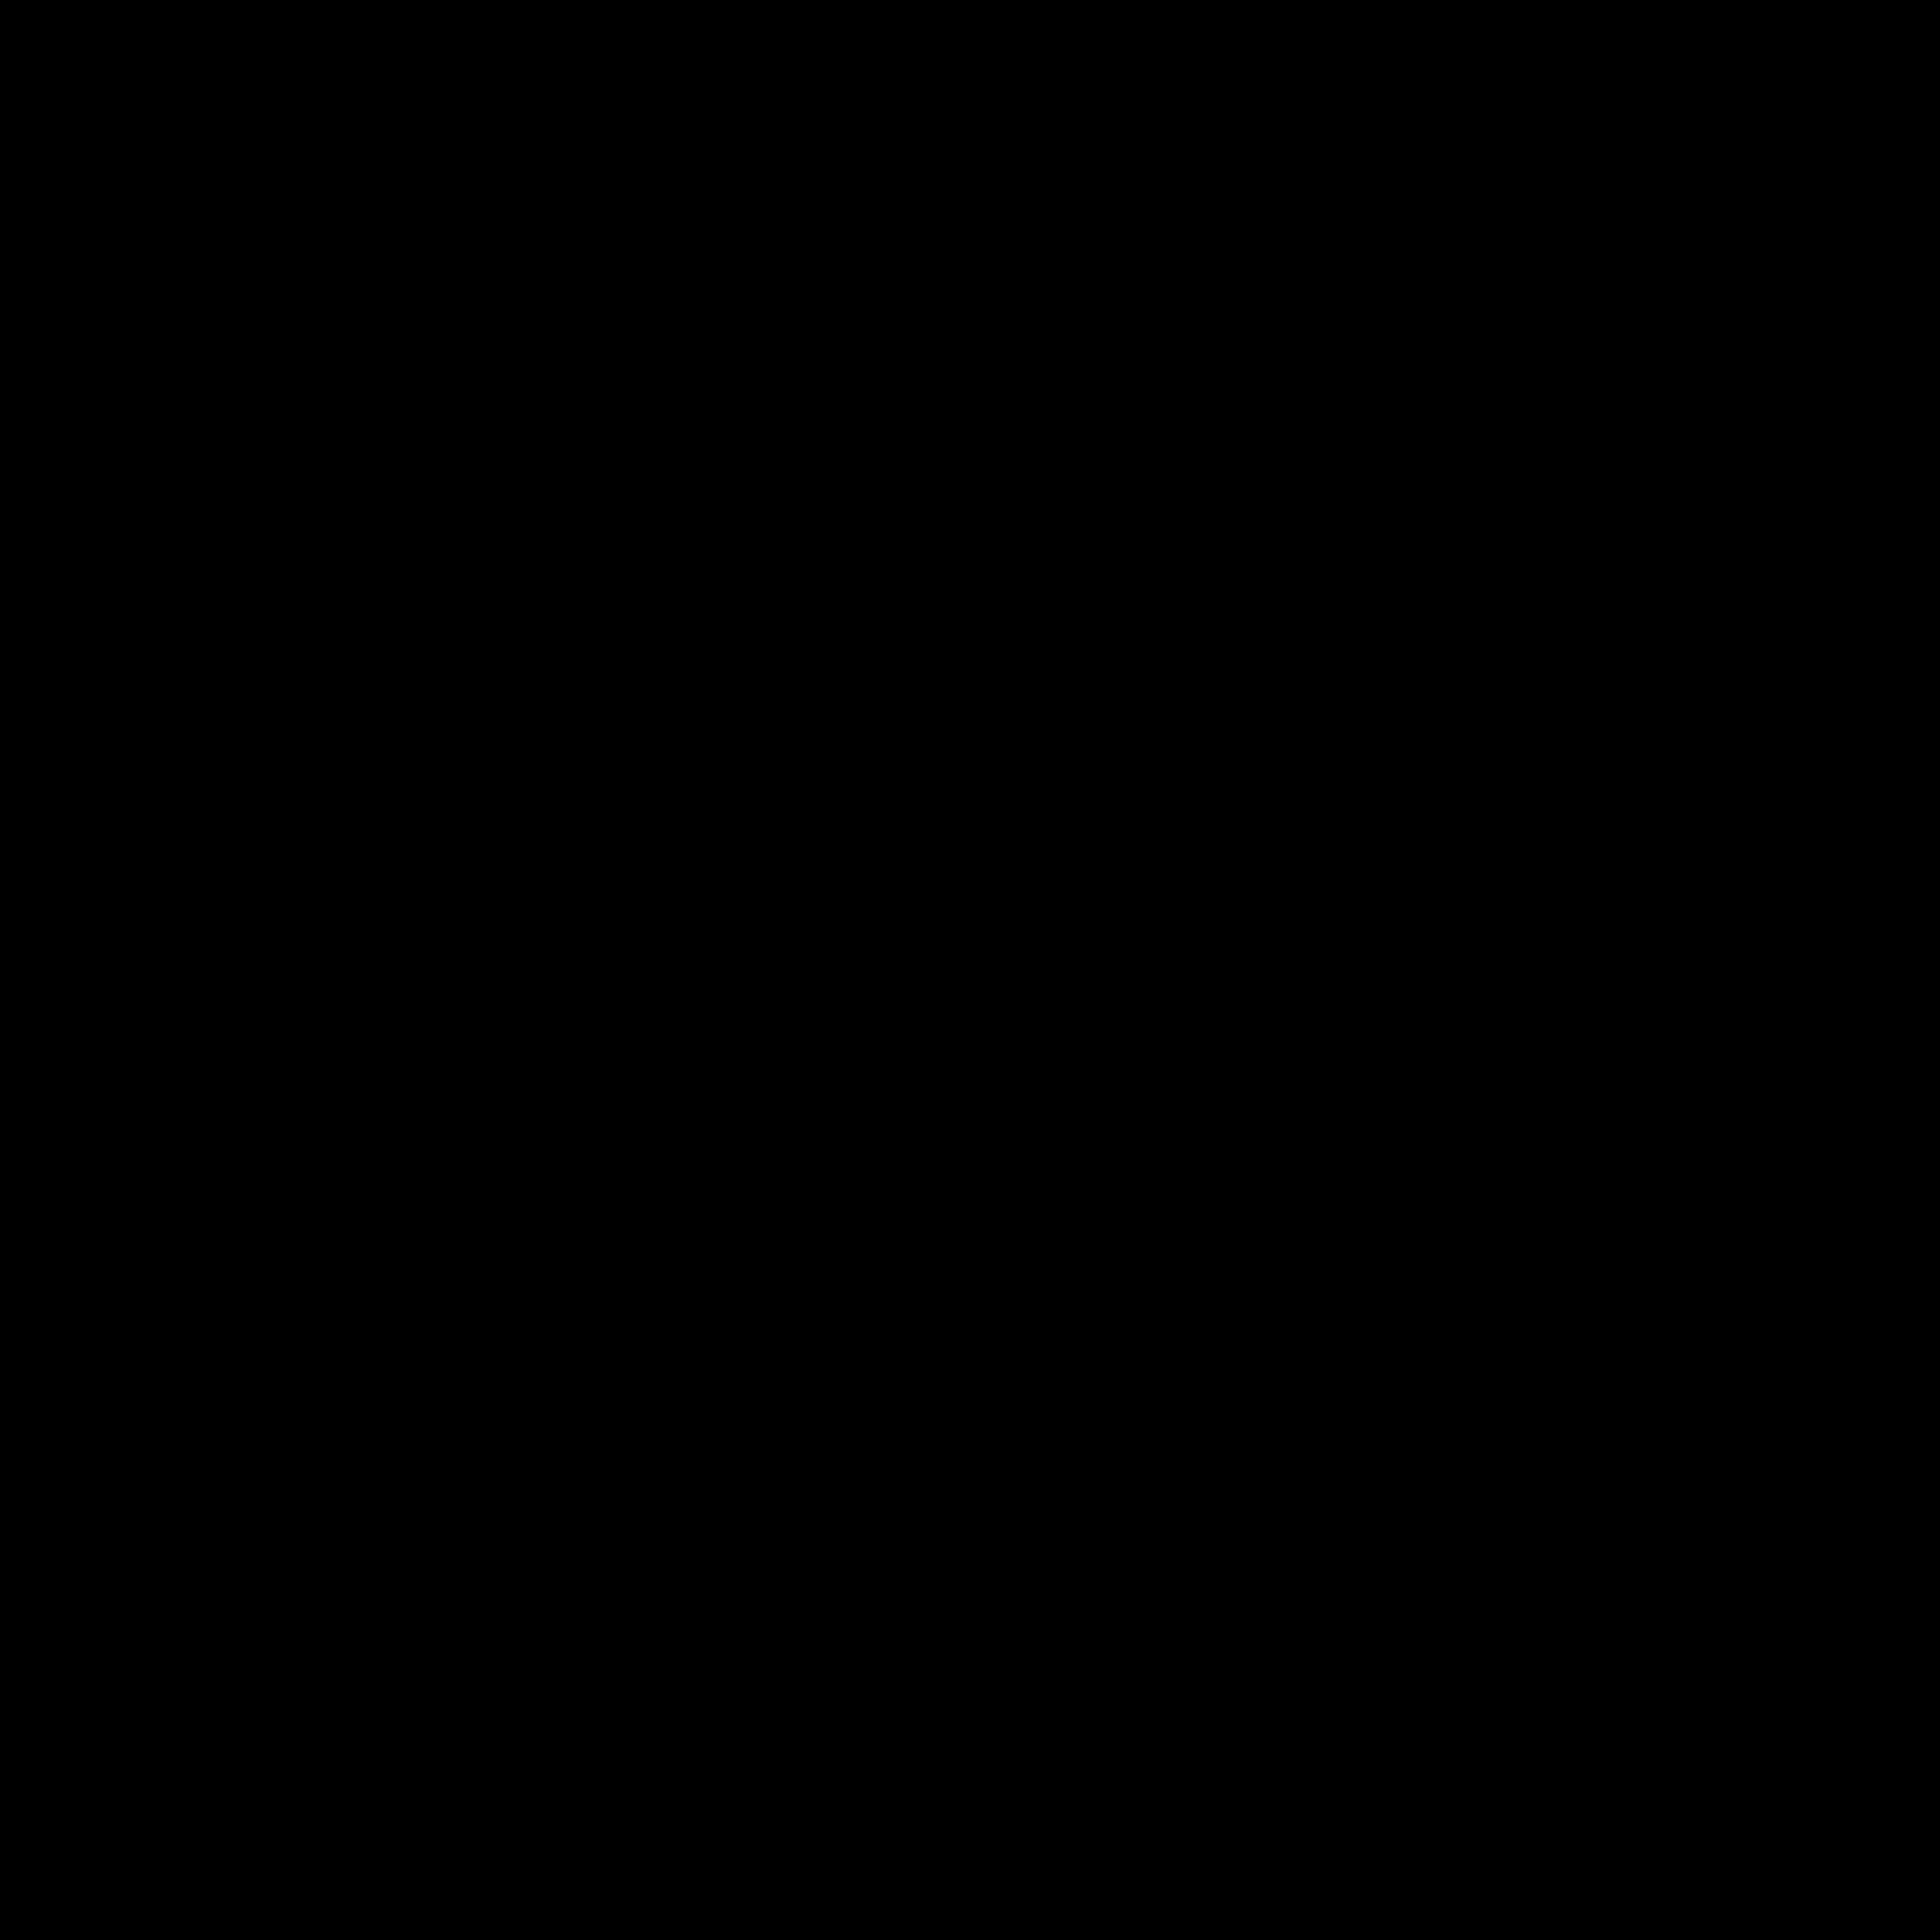 การควบคุมเอกสารและบันทึกตามระบบ ISO ทุกร